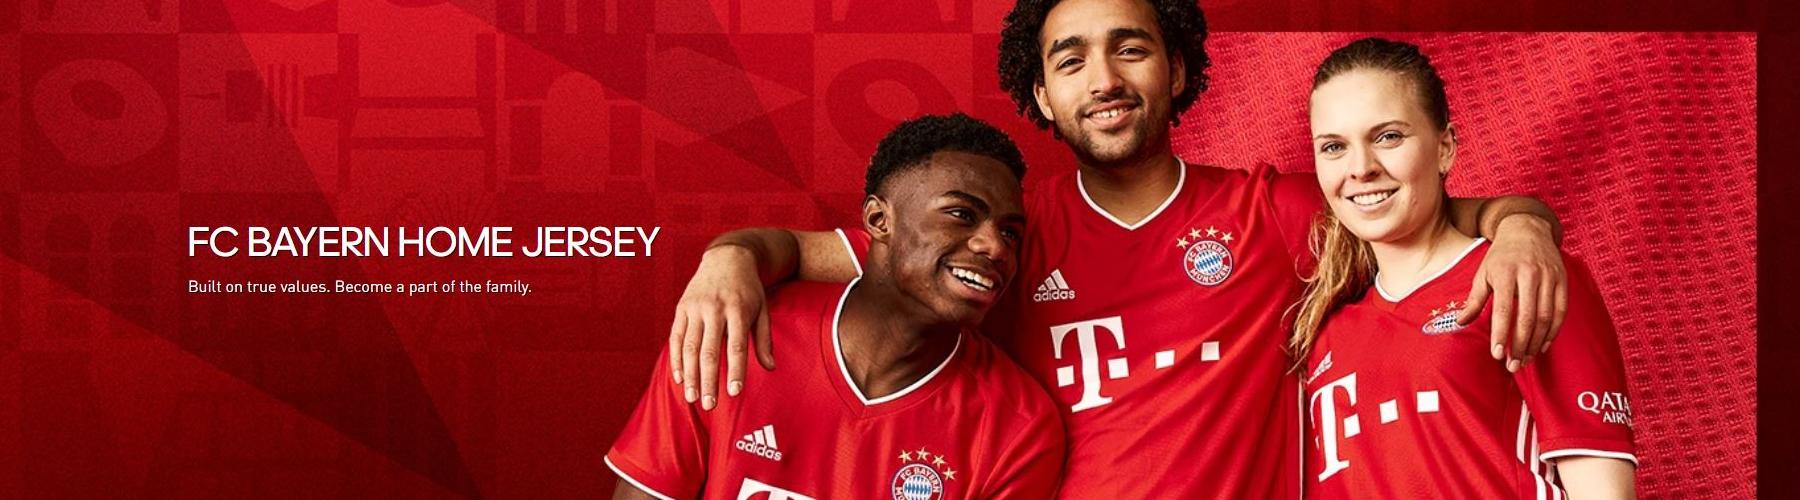 FC Bayern home shirt 2020/21